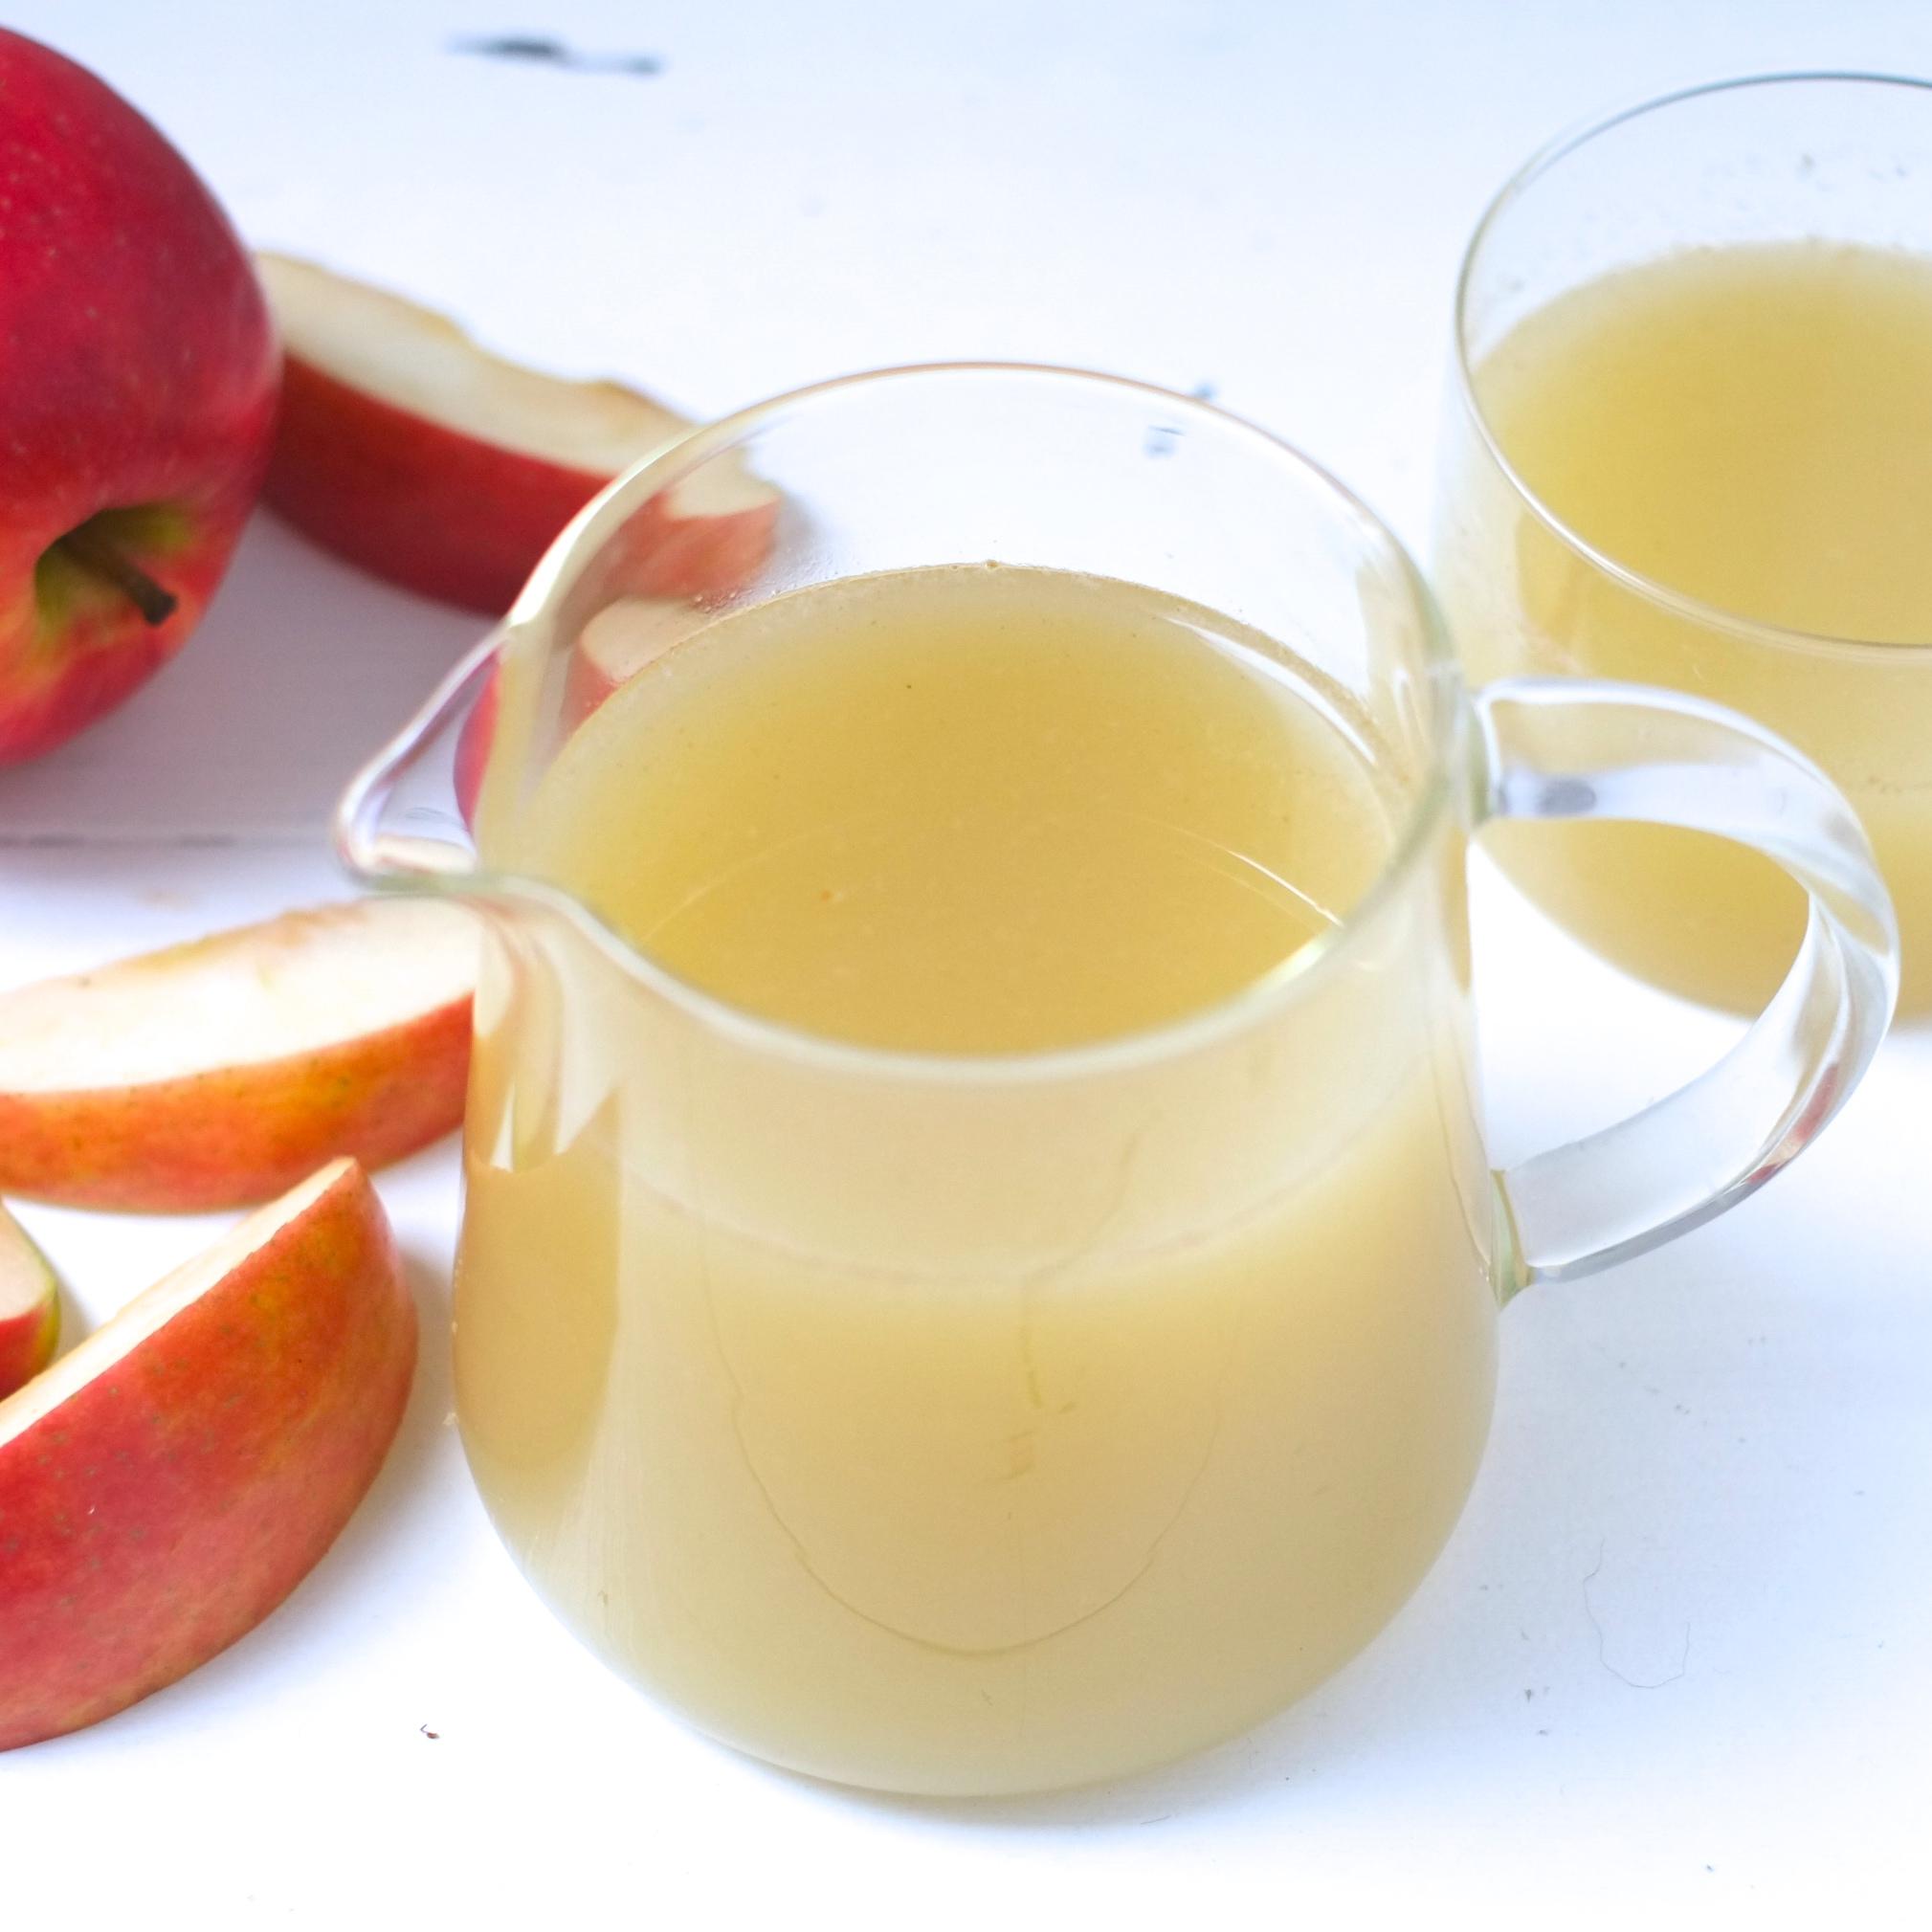 Jus frais de pommes maison (1L)